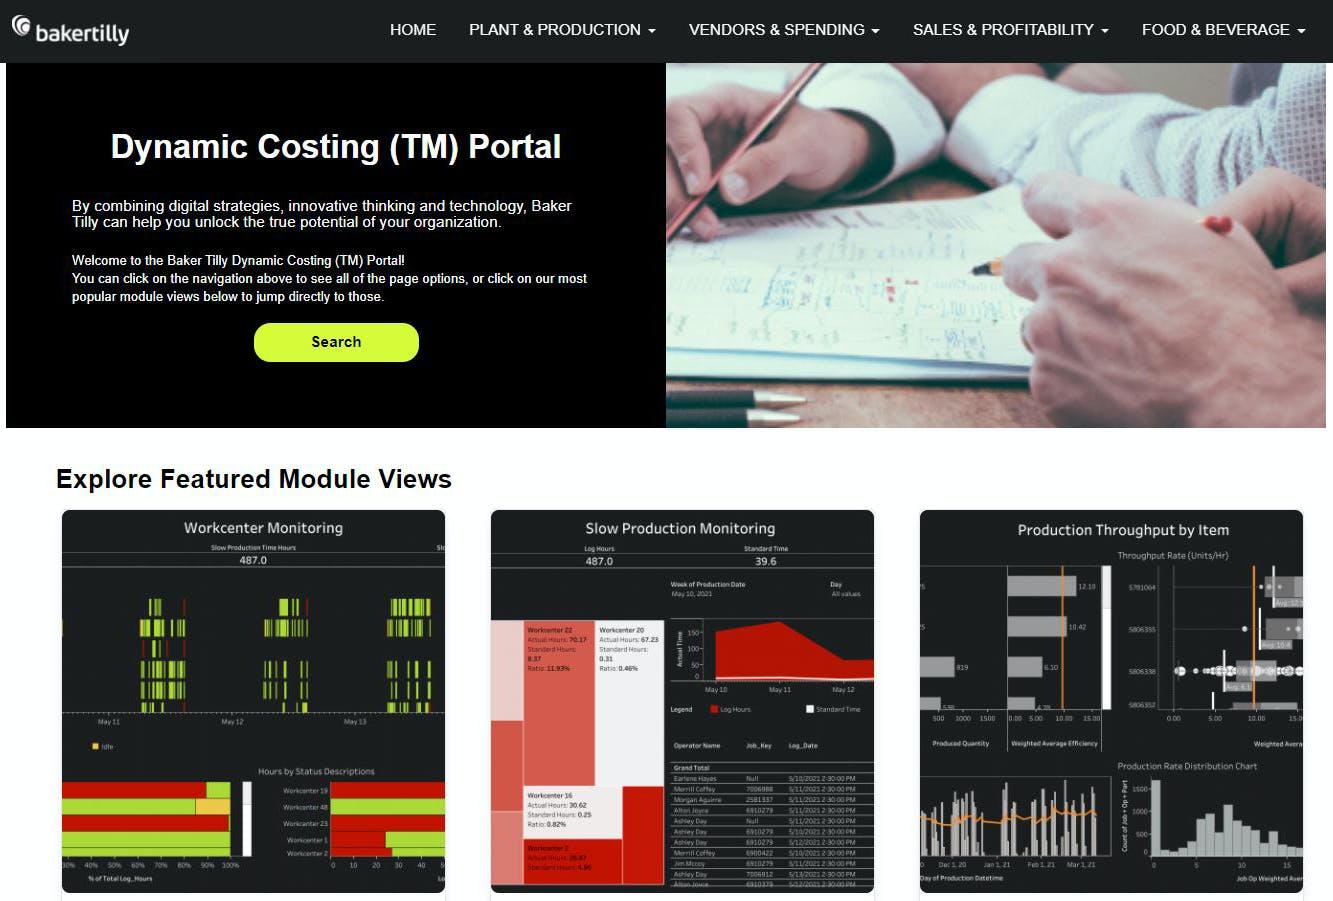 dynamic costing portal